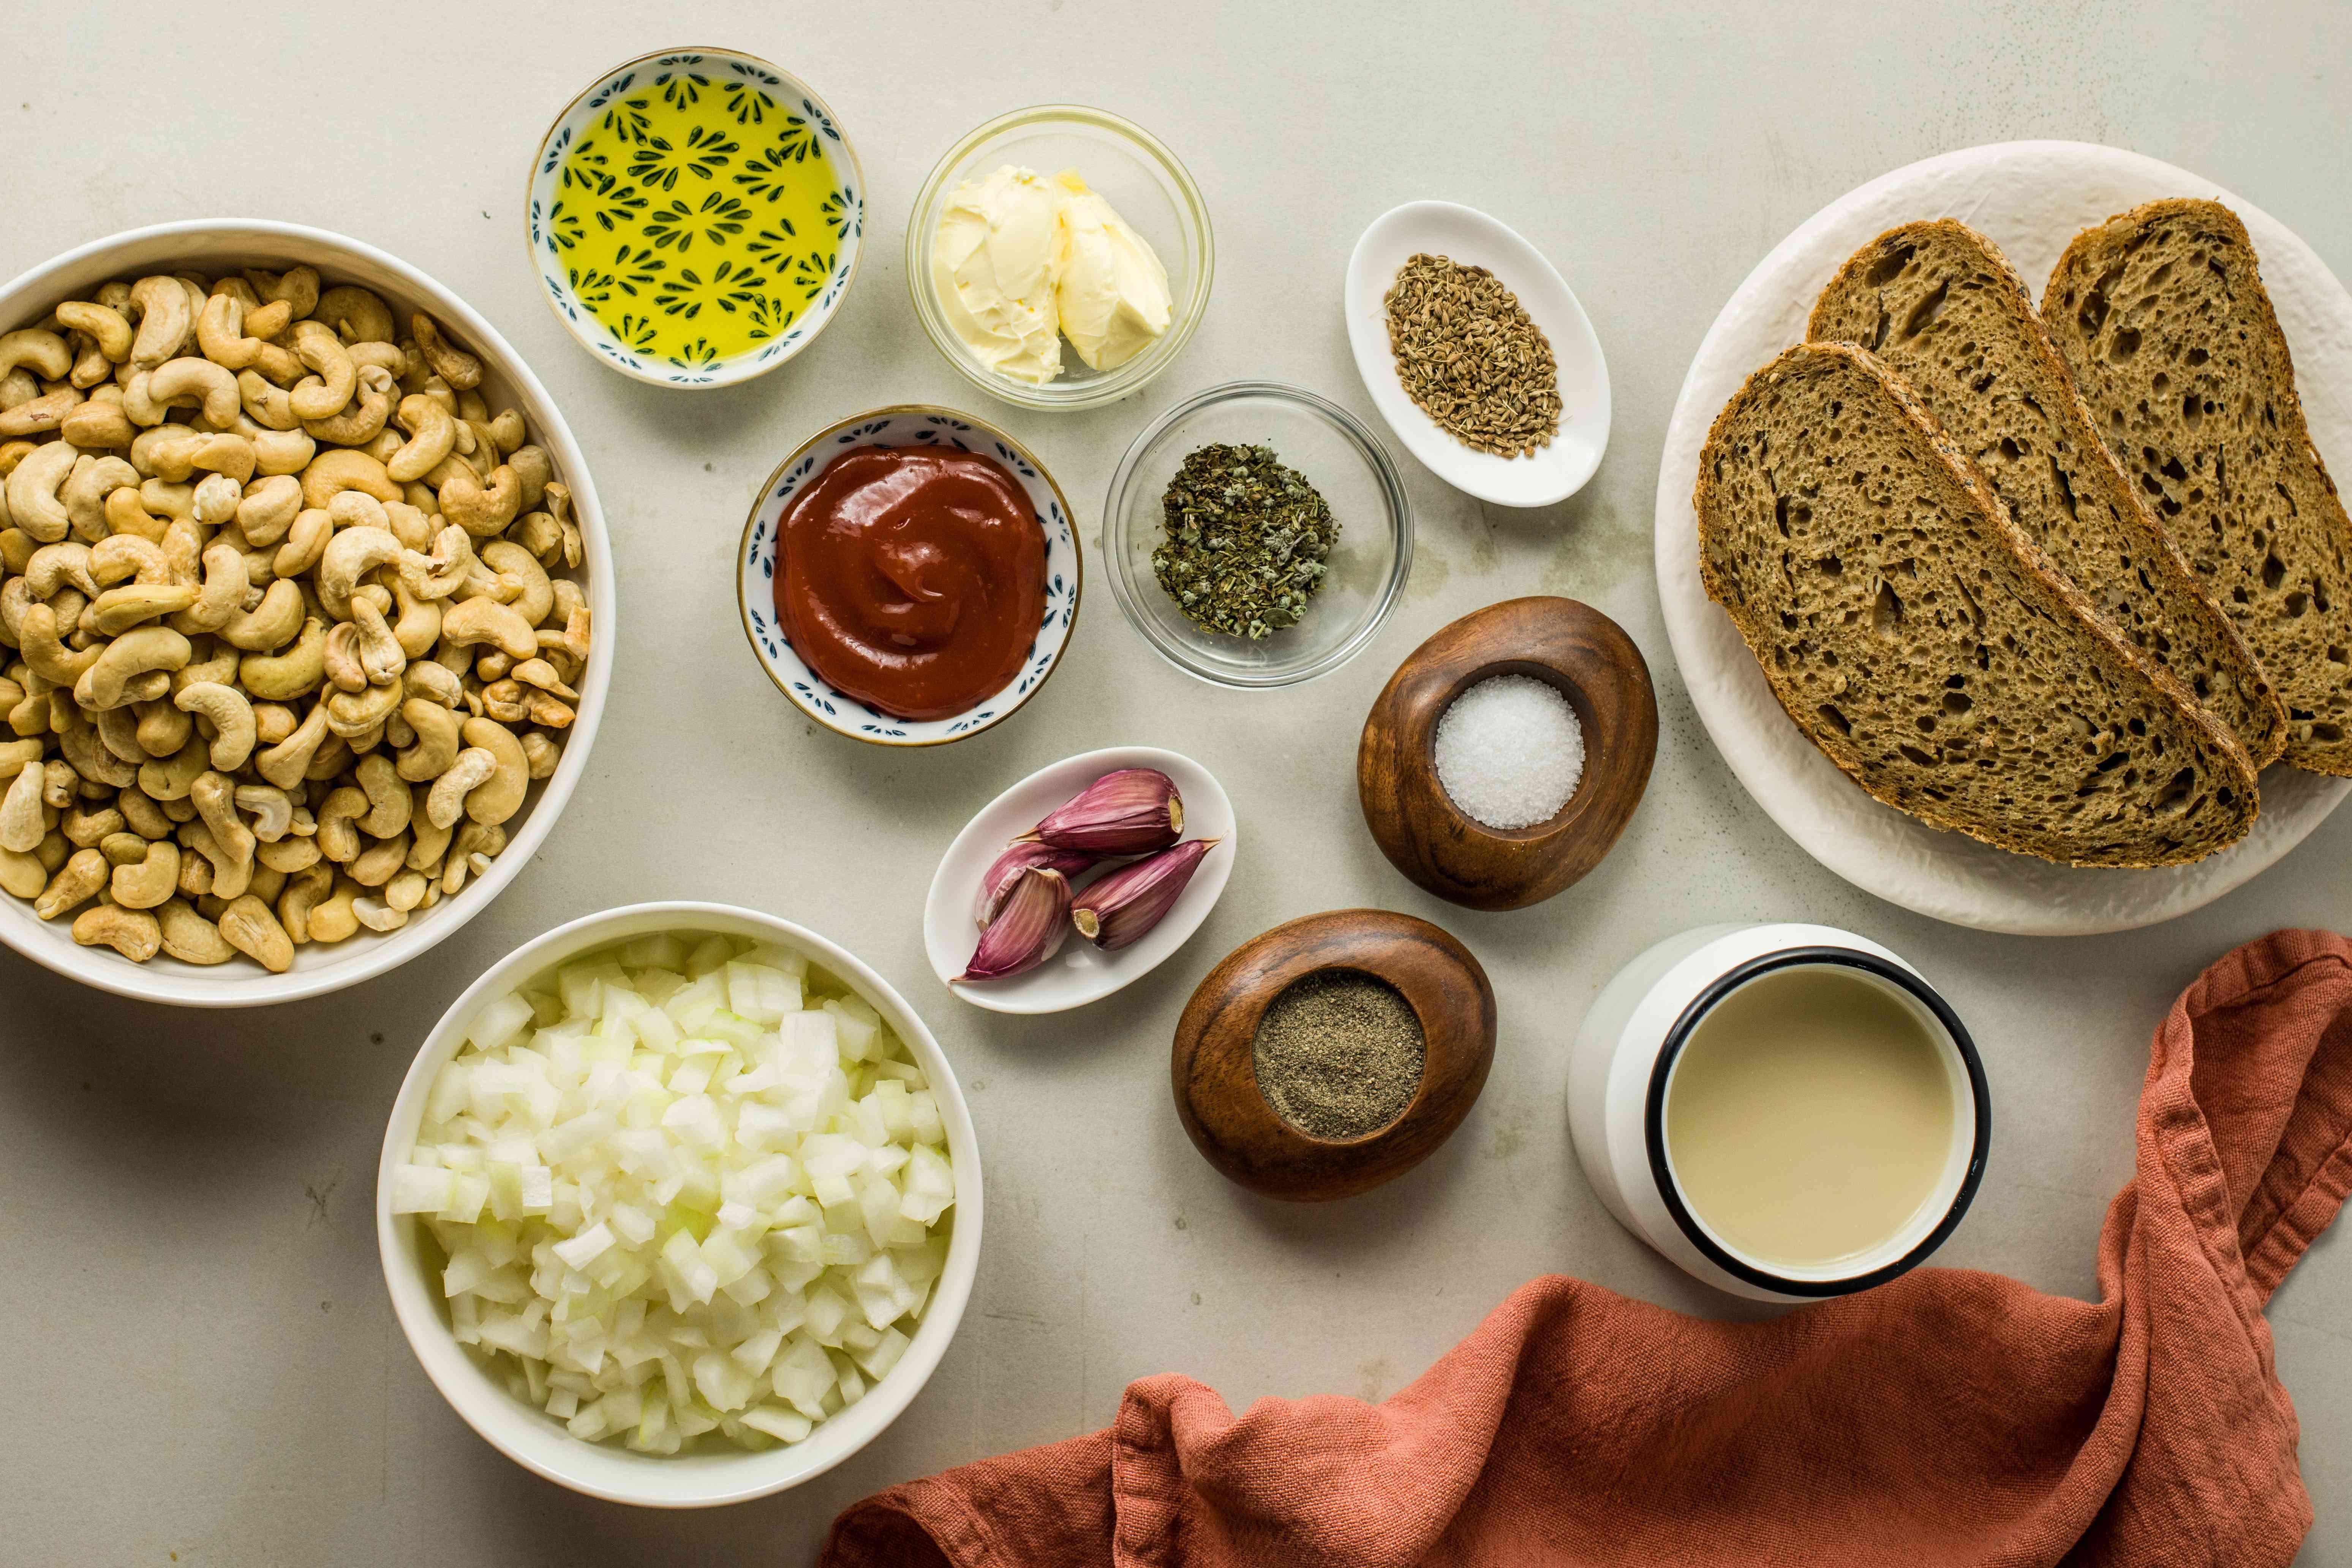 Ingredients for cashew nut loaf